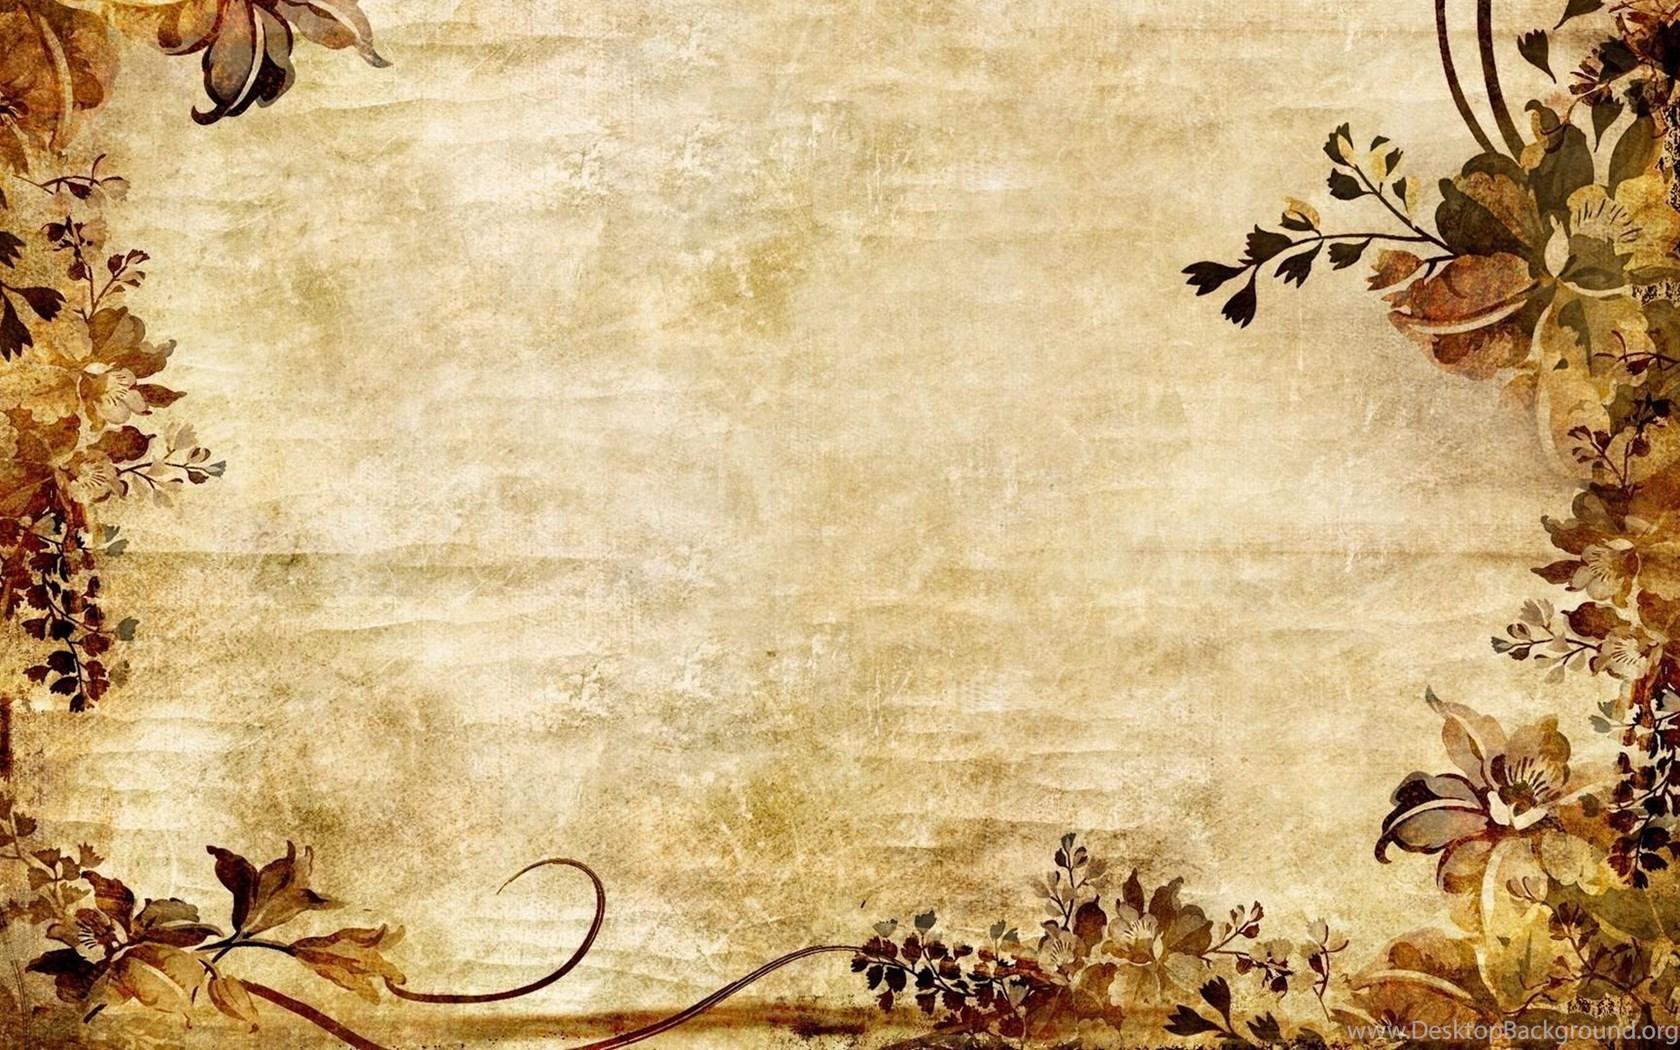 Floral Desktop Wallpapers Floral Backgrounds Desktop Background